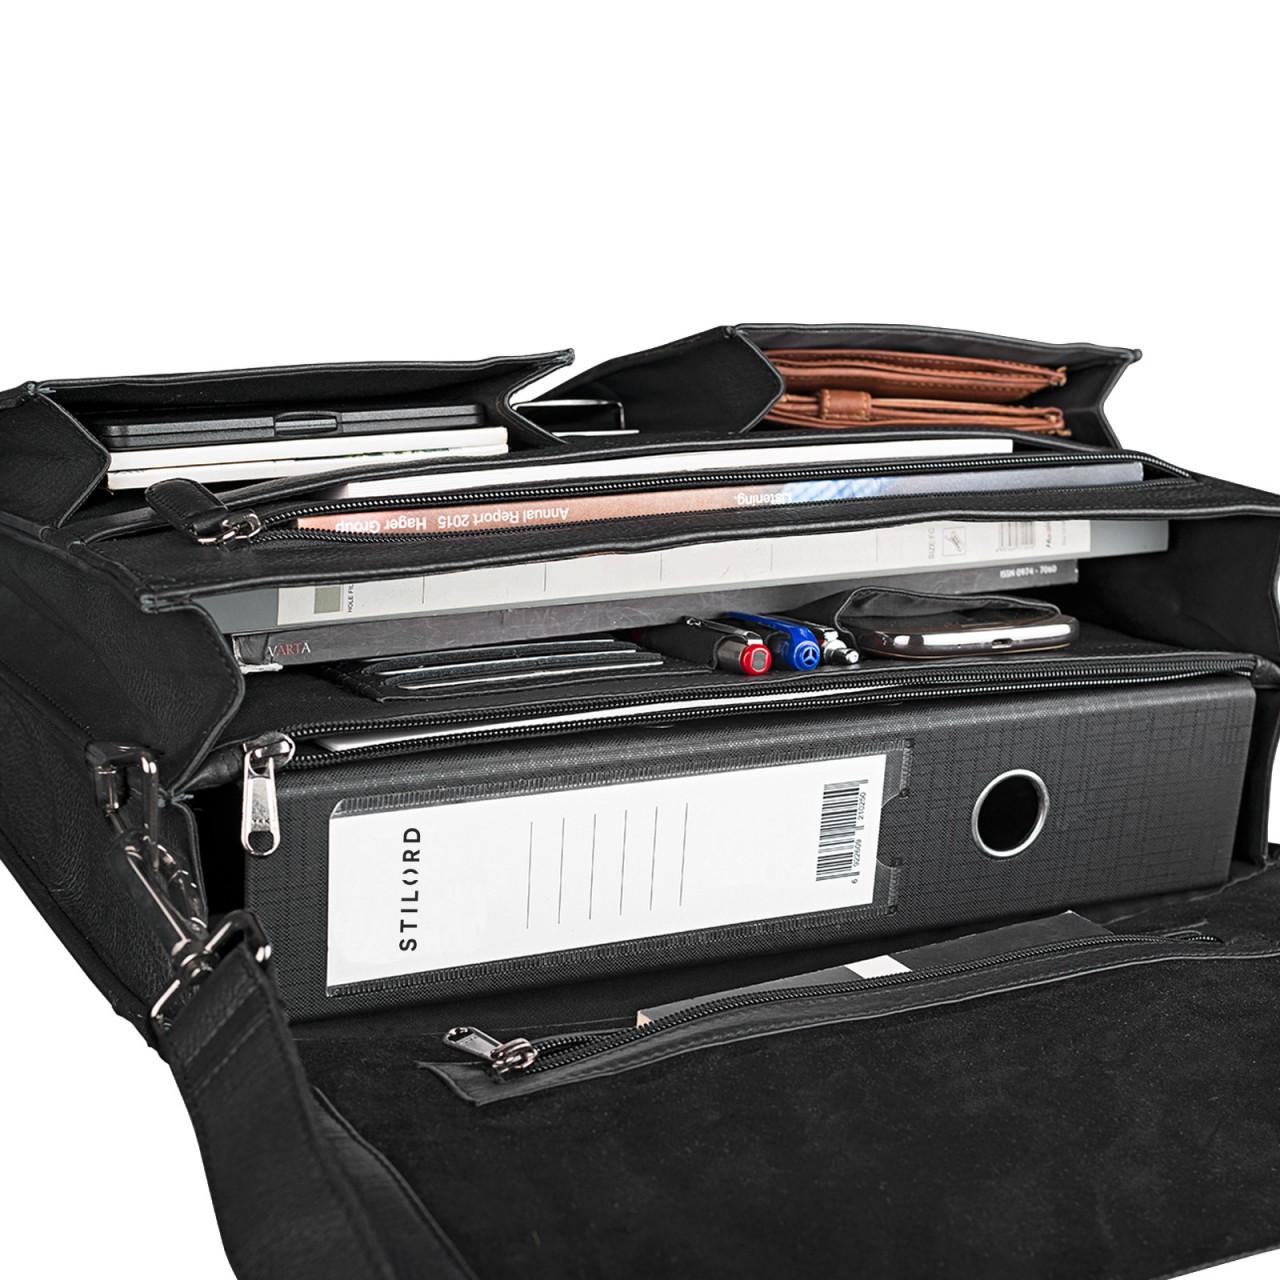 STILORD Aktentasche Leder Schwarz Businesstasche Dokumententasche Bürotasche klassisch elegant aufsteckbar echtes Rindsleder  - Bild 6